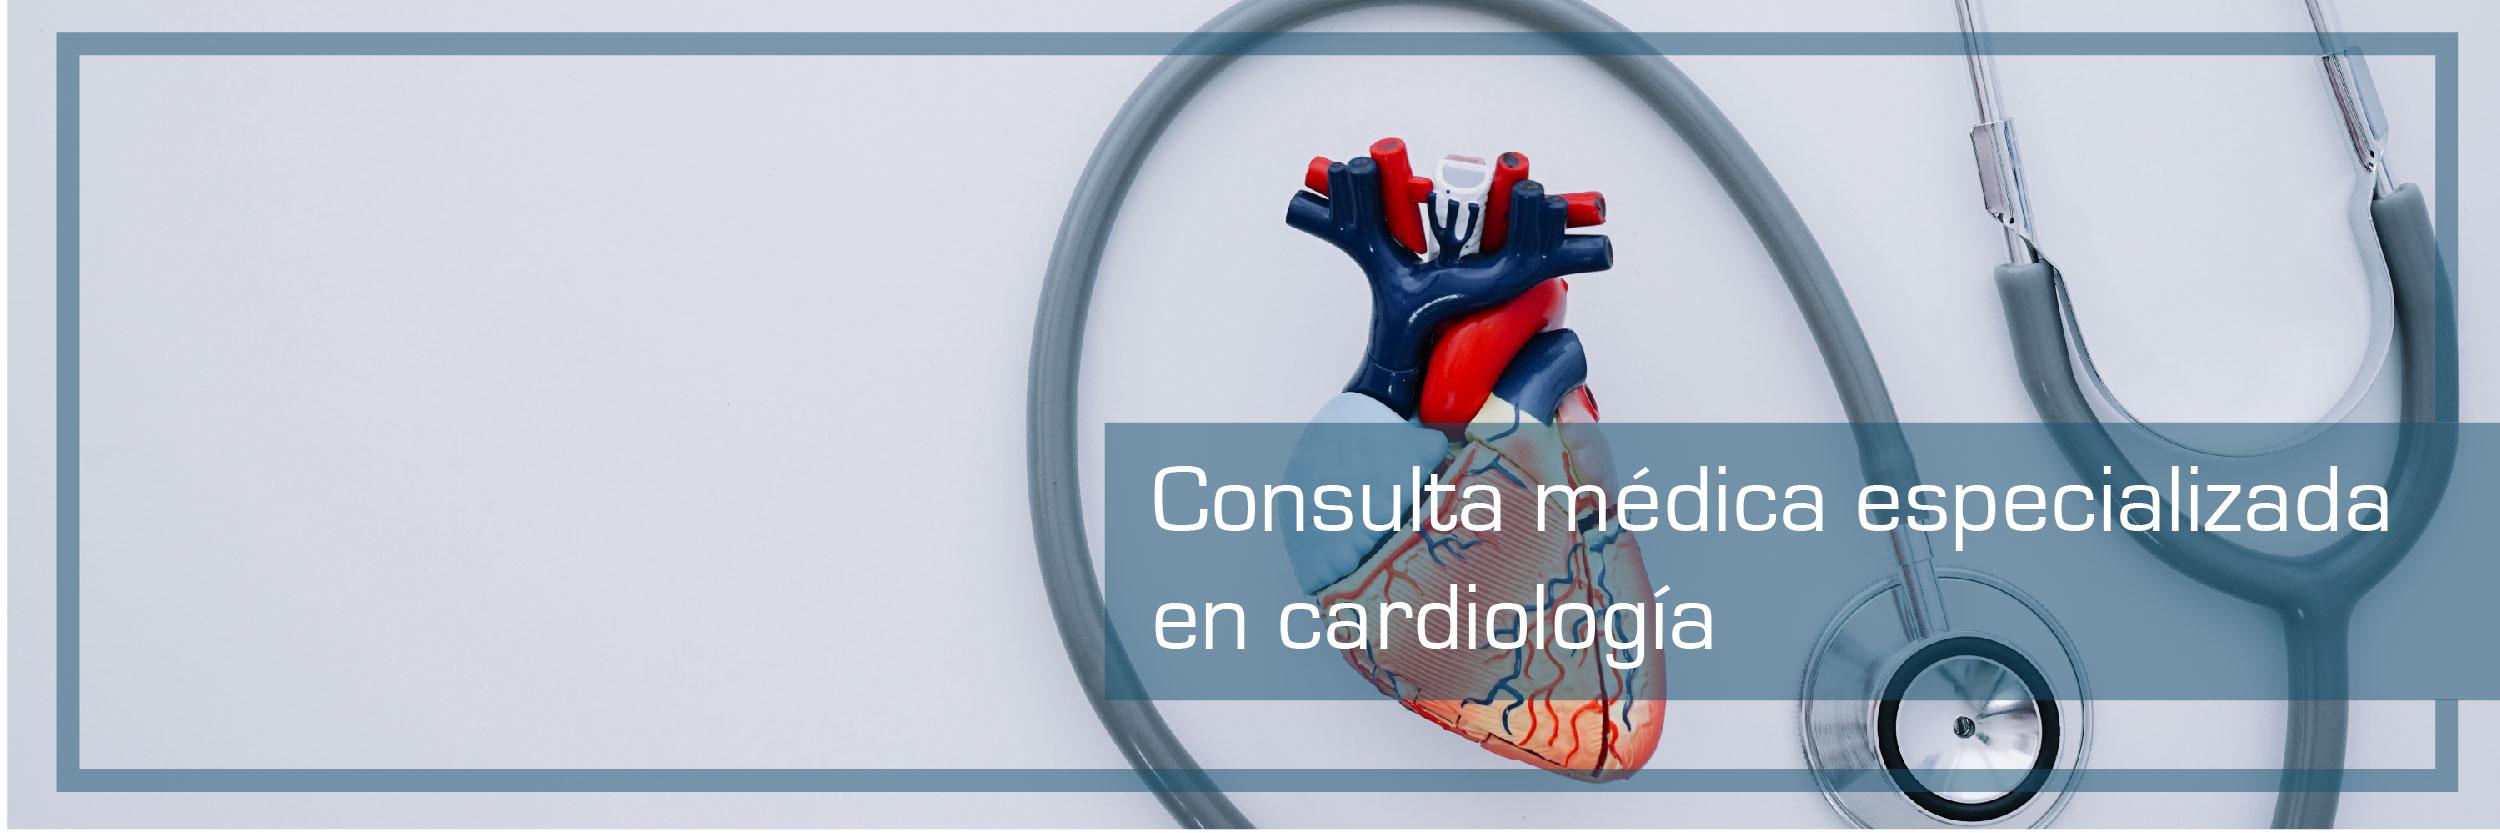 Consulta médica especializada en  cardiologia particular en Clínica del Norte en Bello